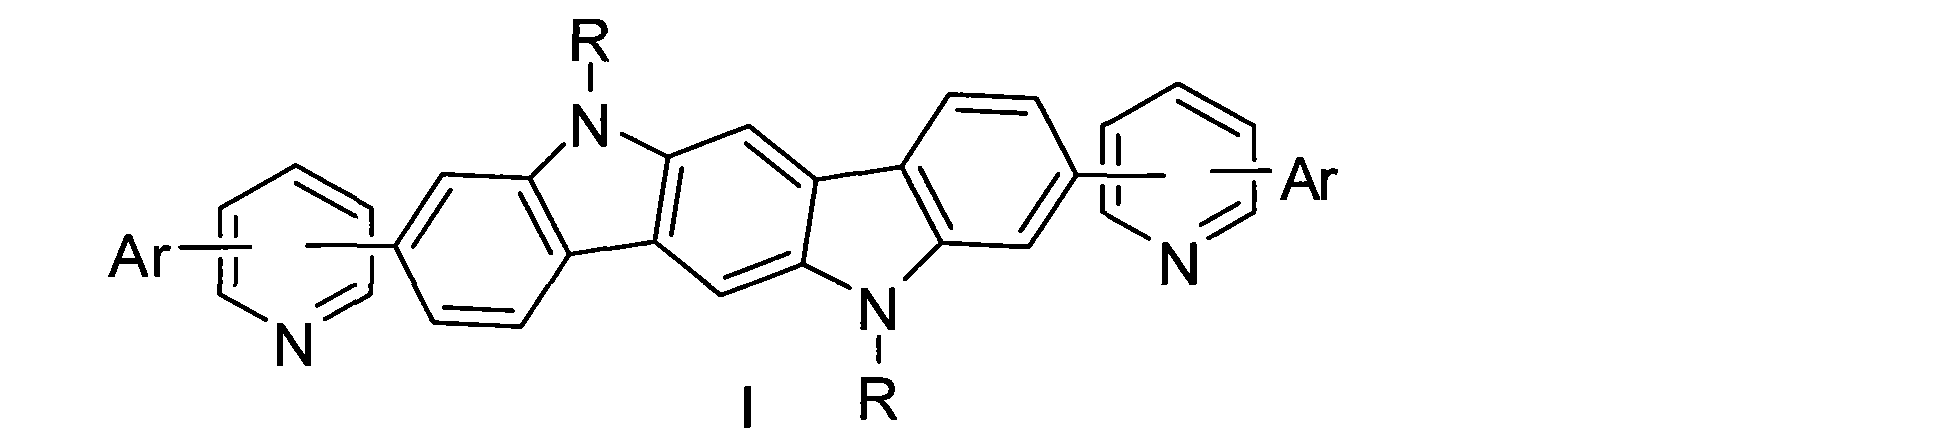 Figure CN102372718AC00021